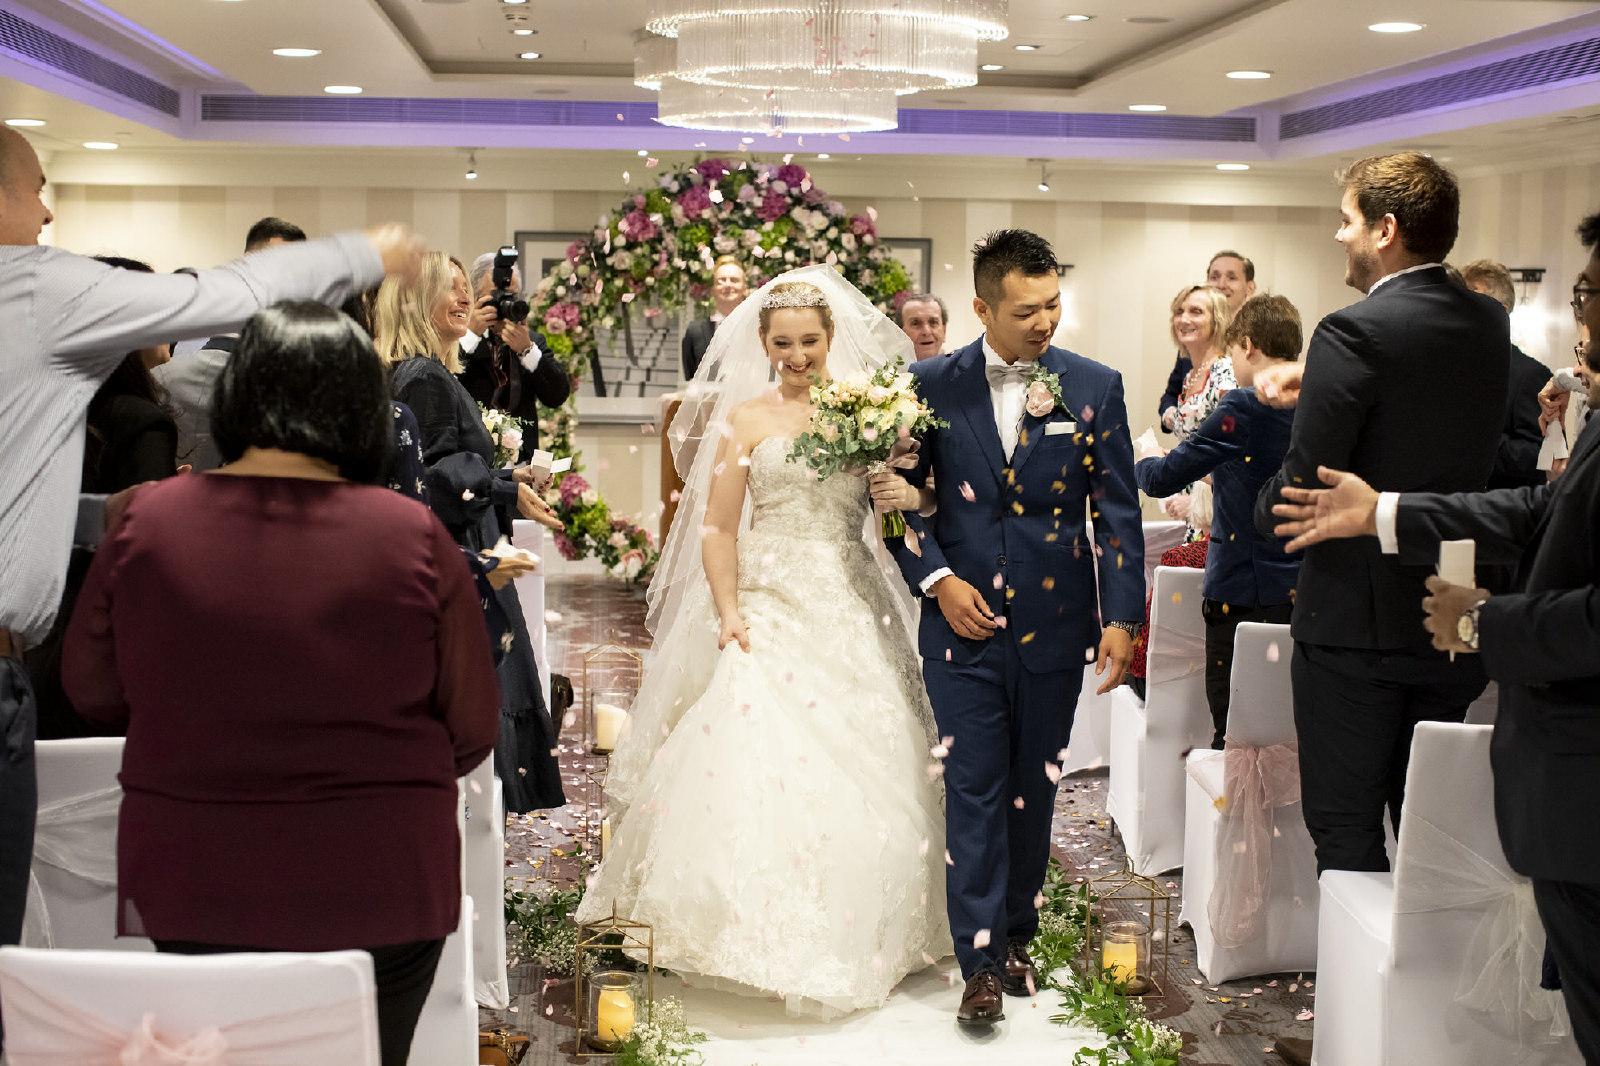 Sofitel Hotel London Wedding